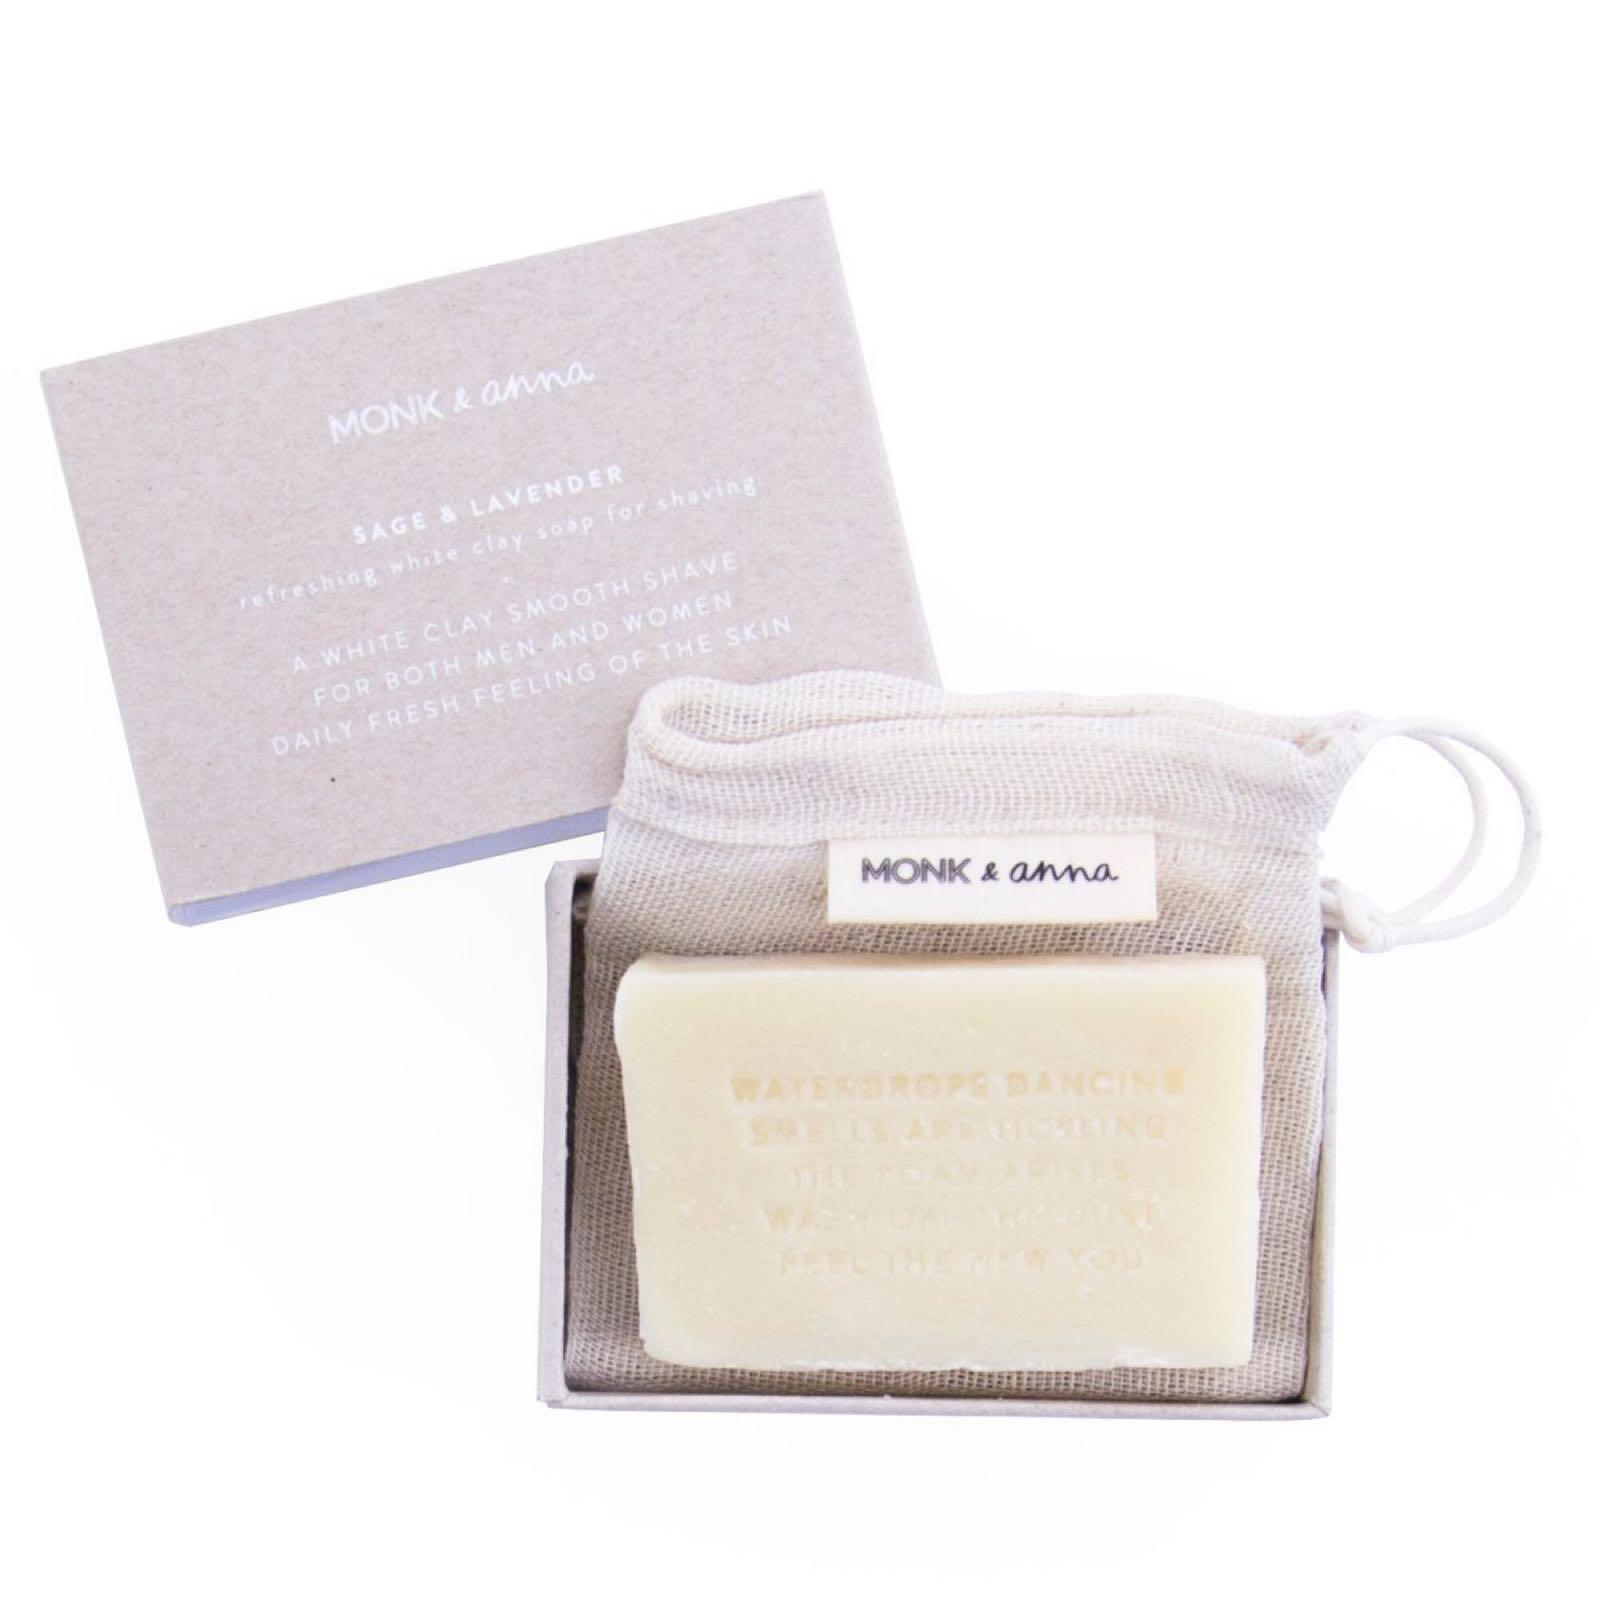 Soap - Sage & Lavender